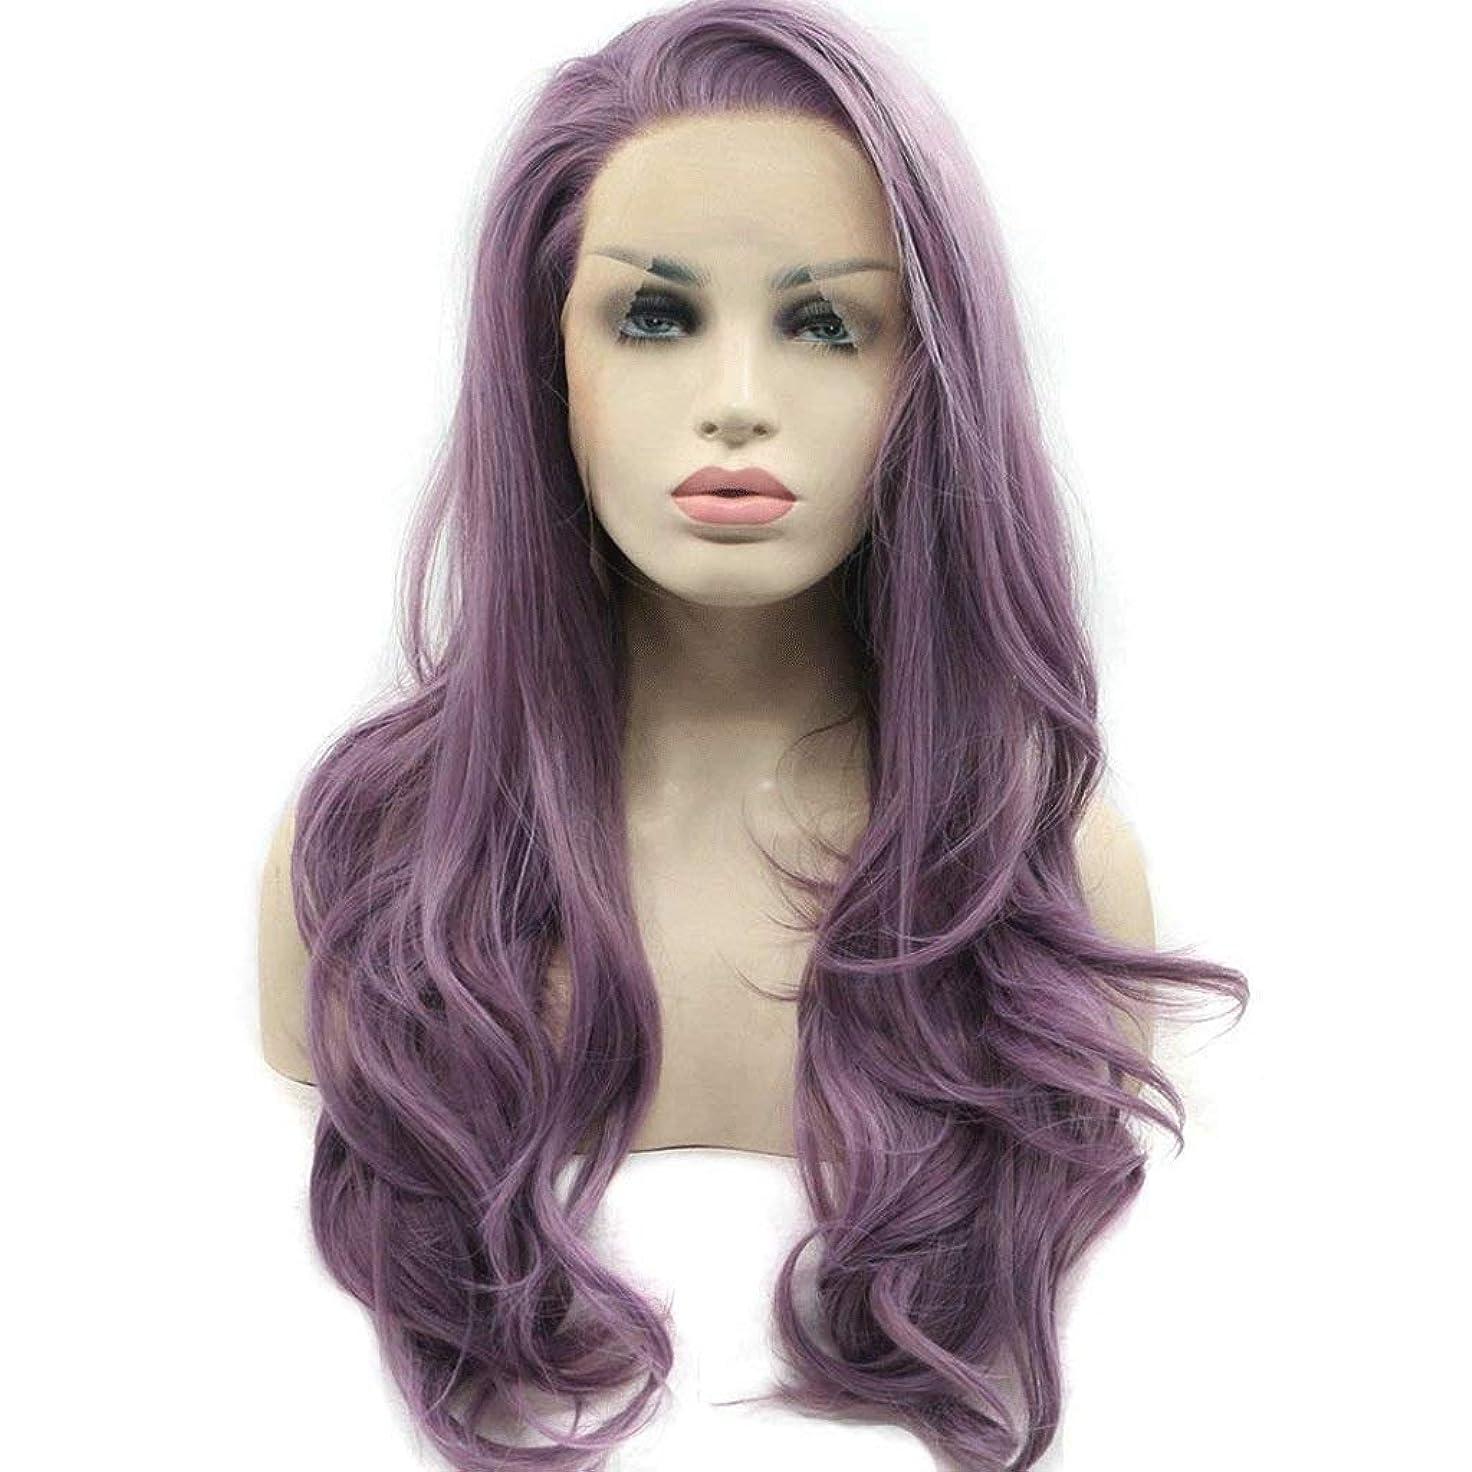 ほんの接続緑紫色の半分結ばれたレースフロントウィッグレディースロングボディウェーブ人工毛髪、サイド別れ耐熱180%密度22インチ (色 : Purple)